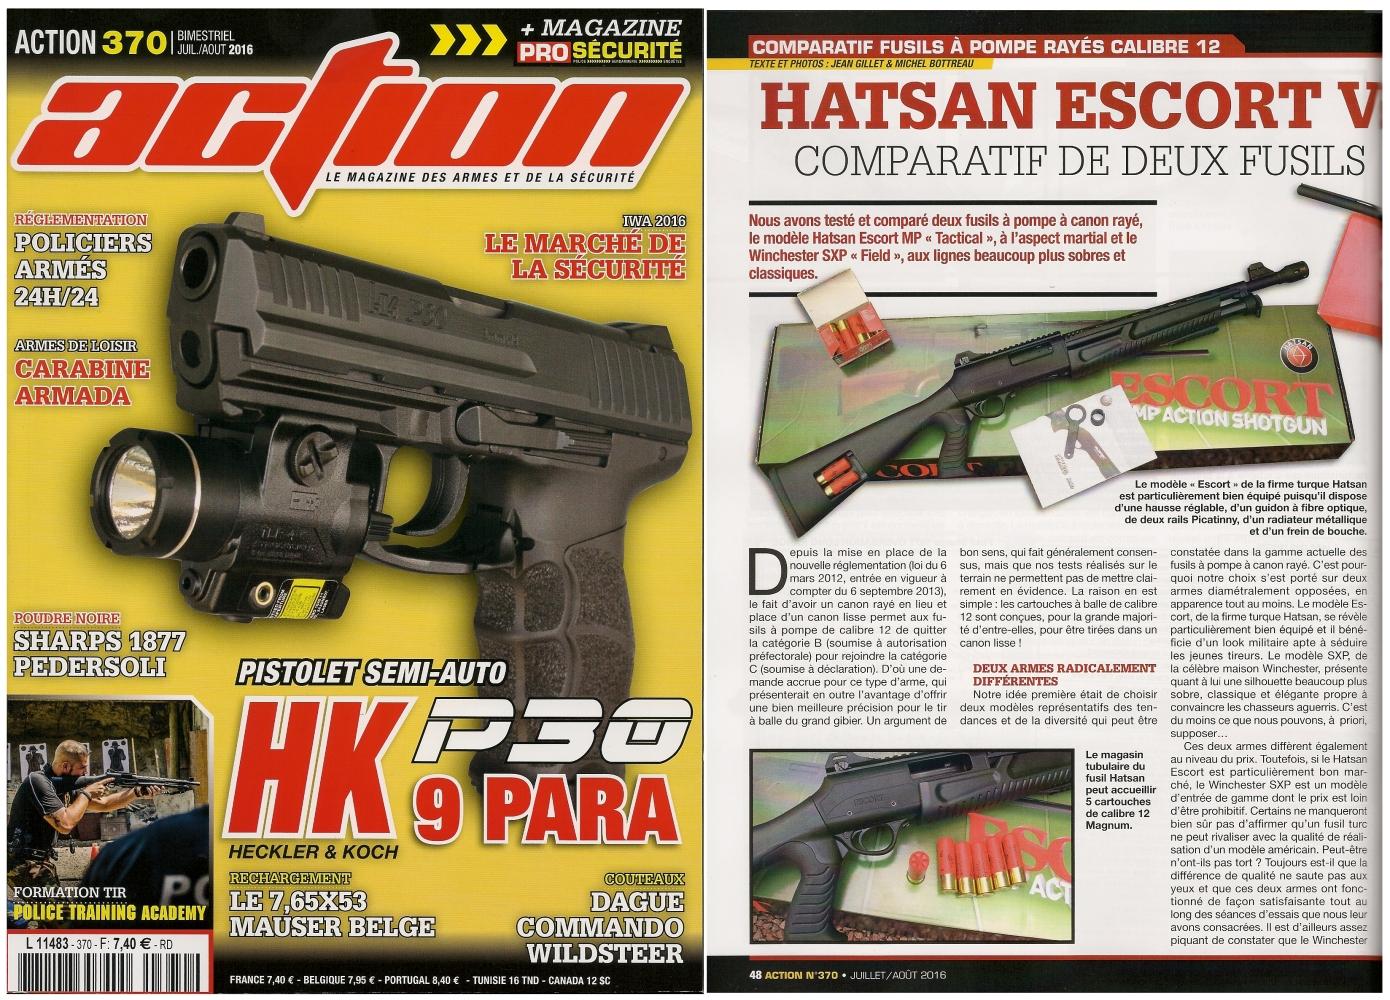 Le banc d'essai comparatif des fusils Hatsan Escort et le Winchester SXP a été publié sur 6 pages dans le magazine Action n°370 (juillet/août 2016).